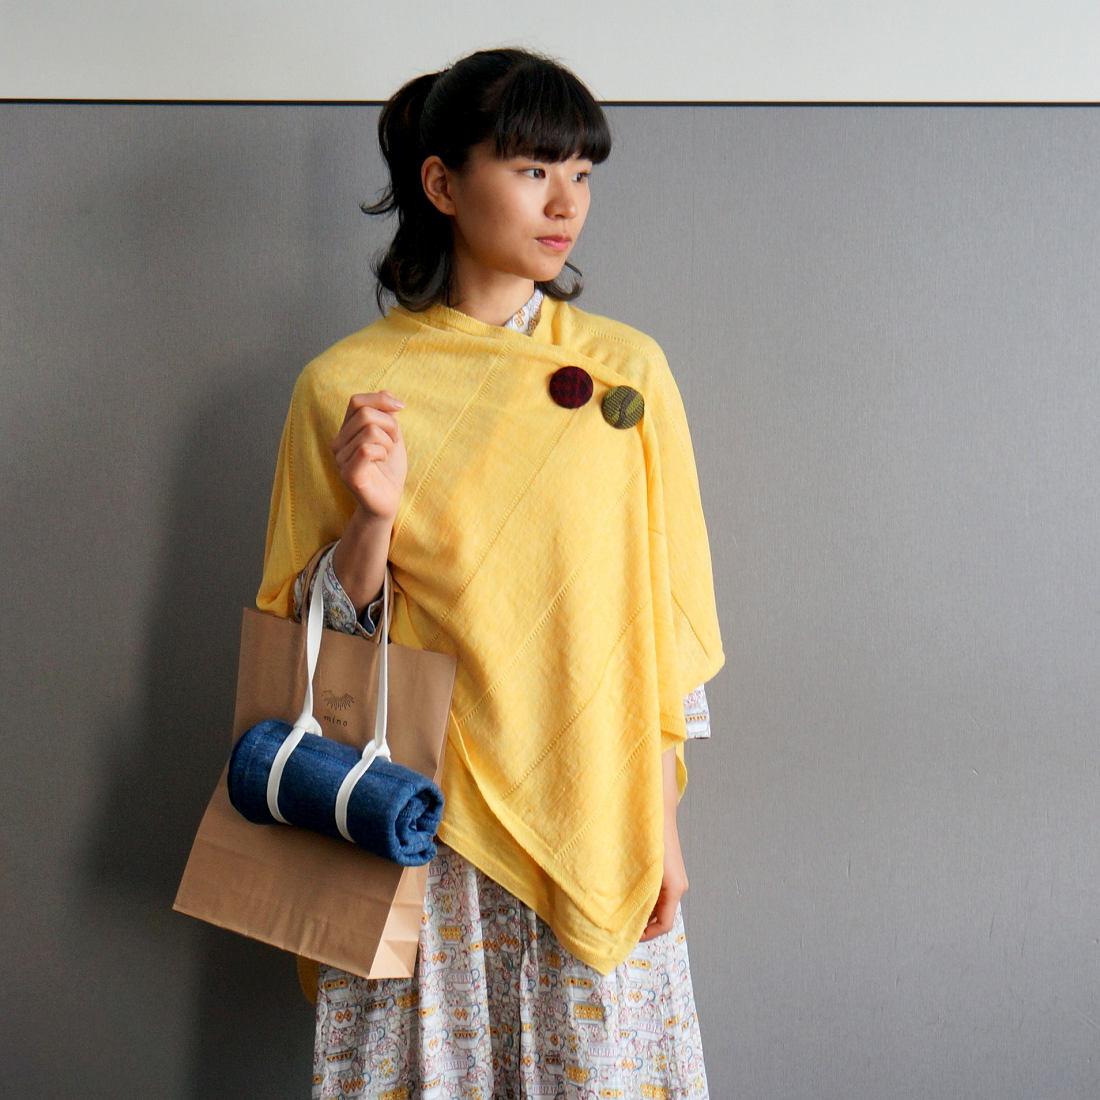 tate-S 羽織るポンチョ 薄手で軽いリネンウール 同色ボーダー